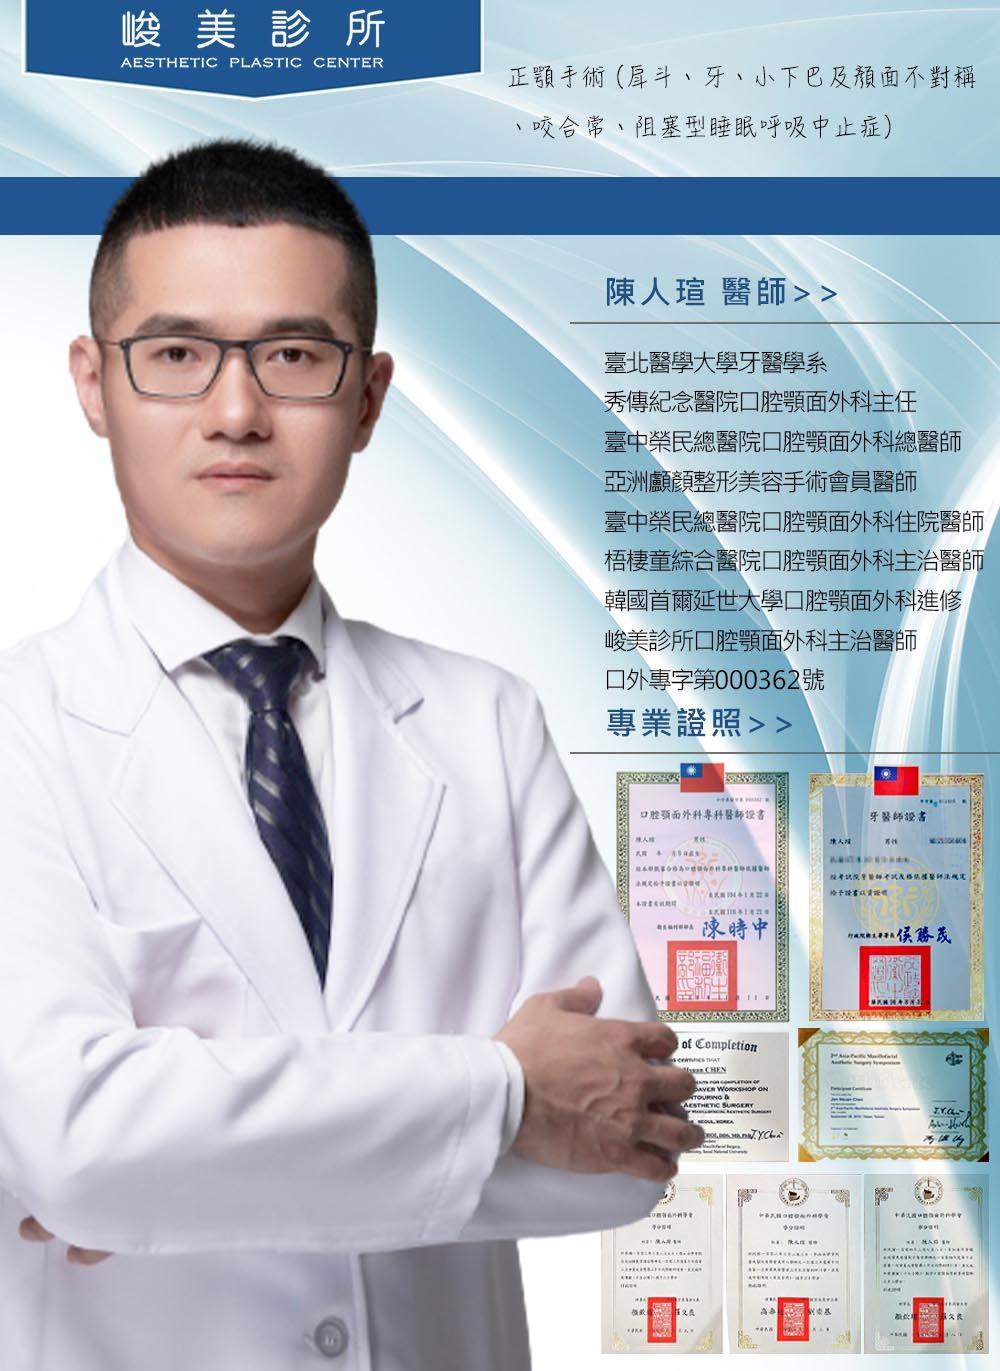 陳人瑄醫師|口腔顎面外科主治醫師|台中峻美診所